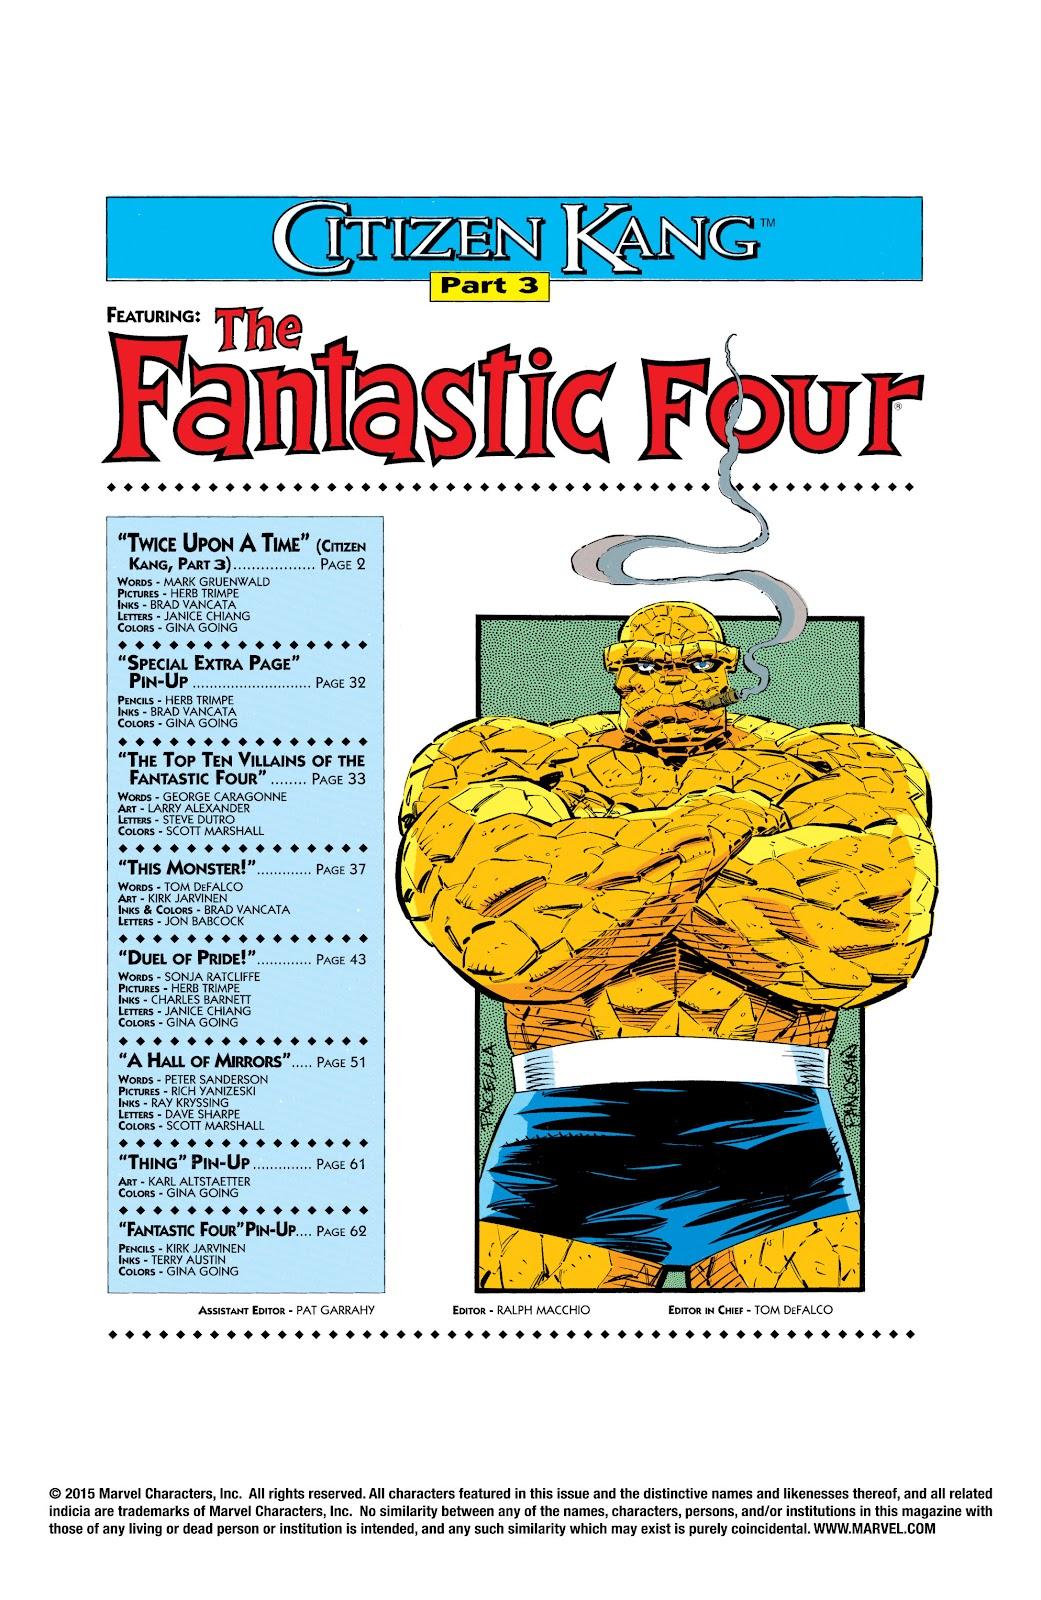 Read online Avengers: Citizen Kang comic -  Issue # TPB (Part 2) - 15